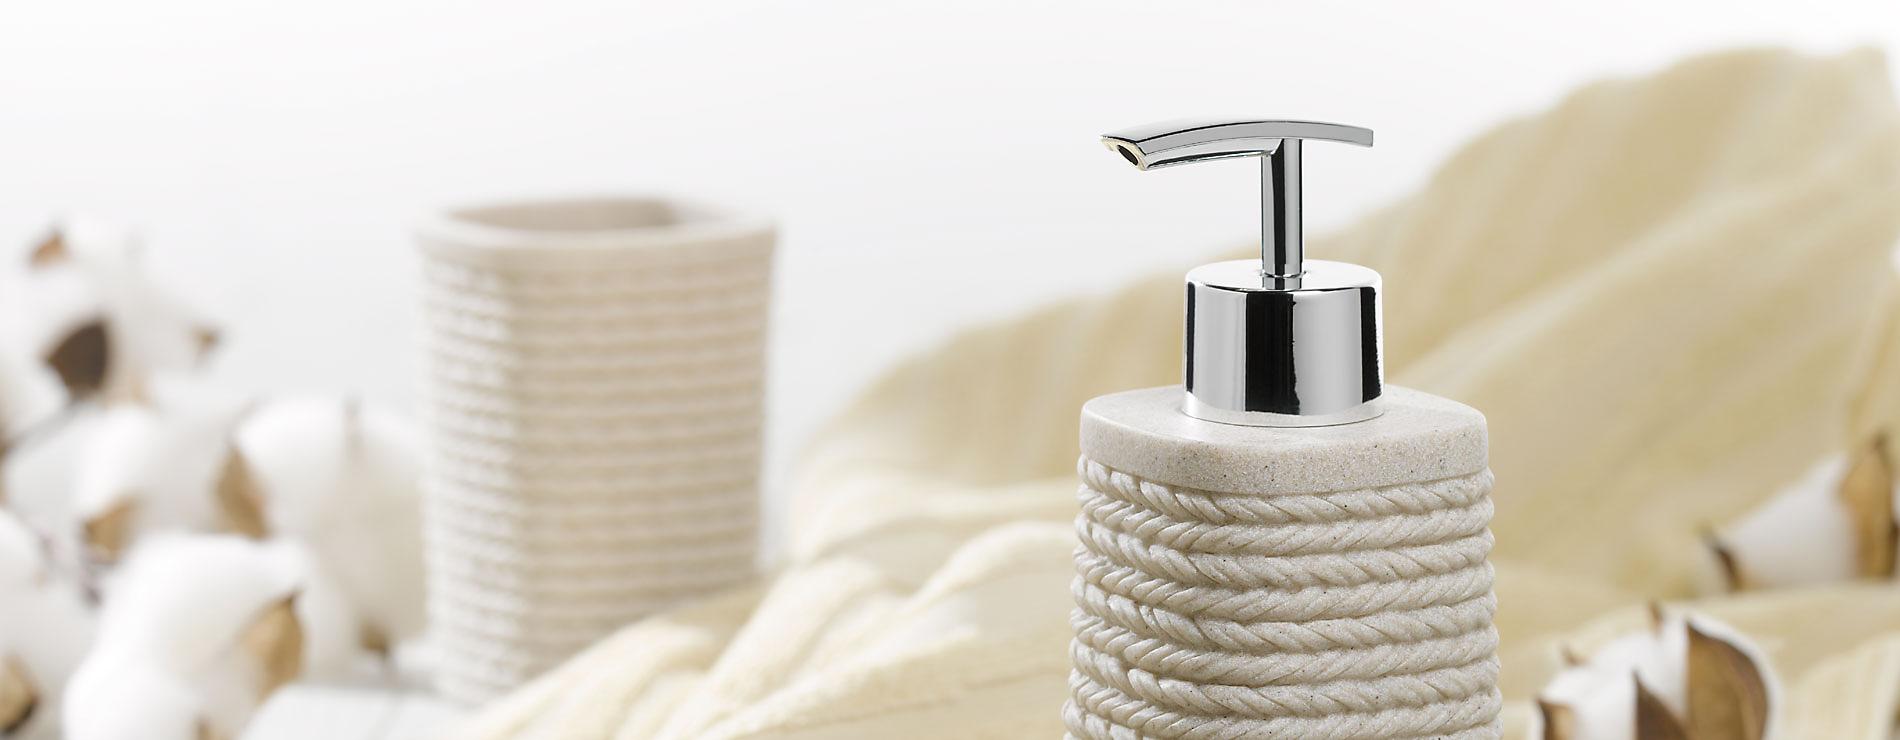 Küchenausstattung & Badeinrichtung | Kela Online Shop